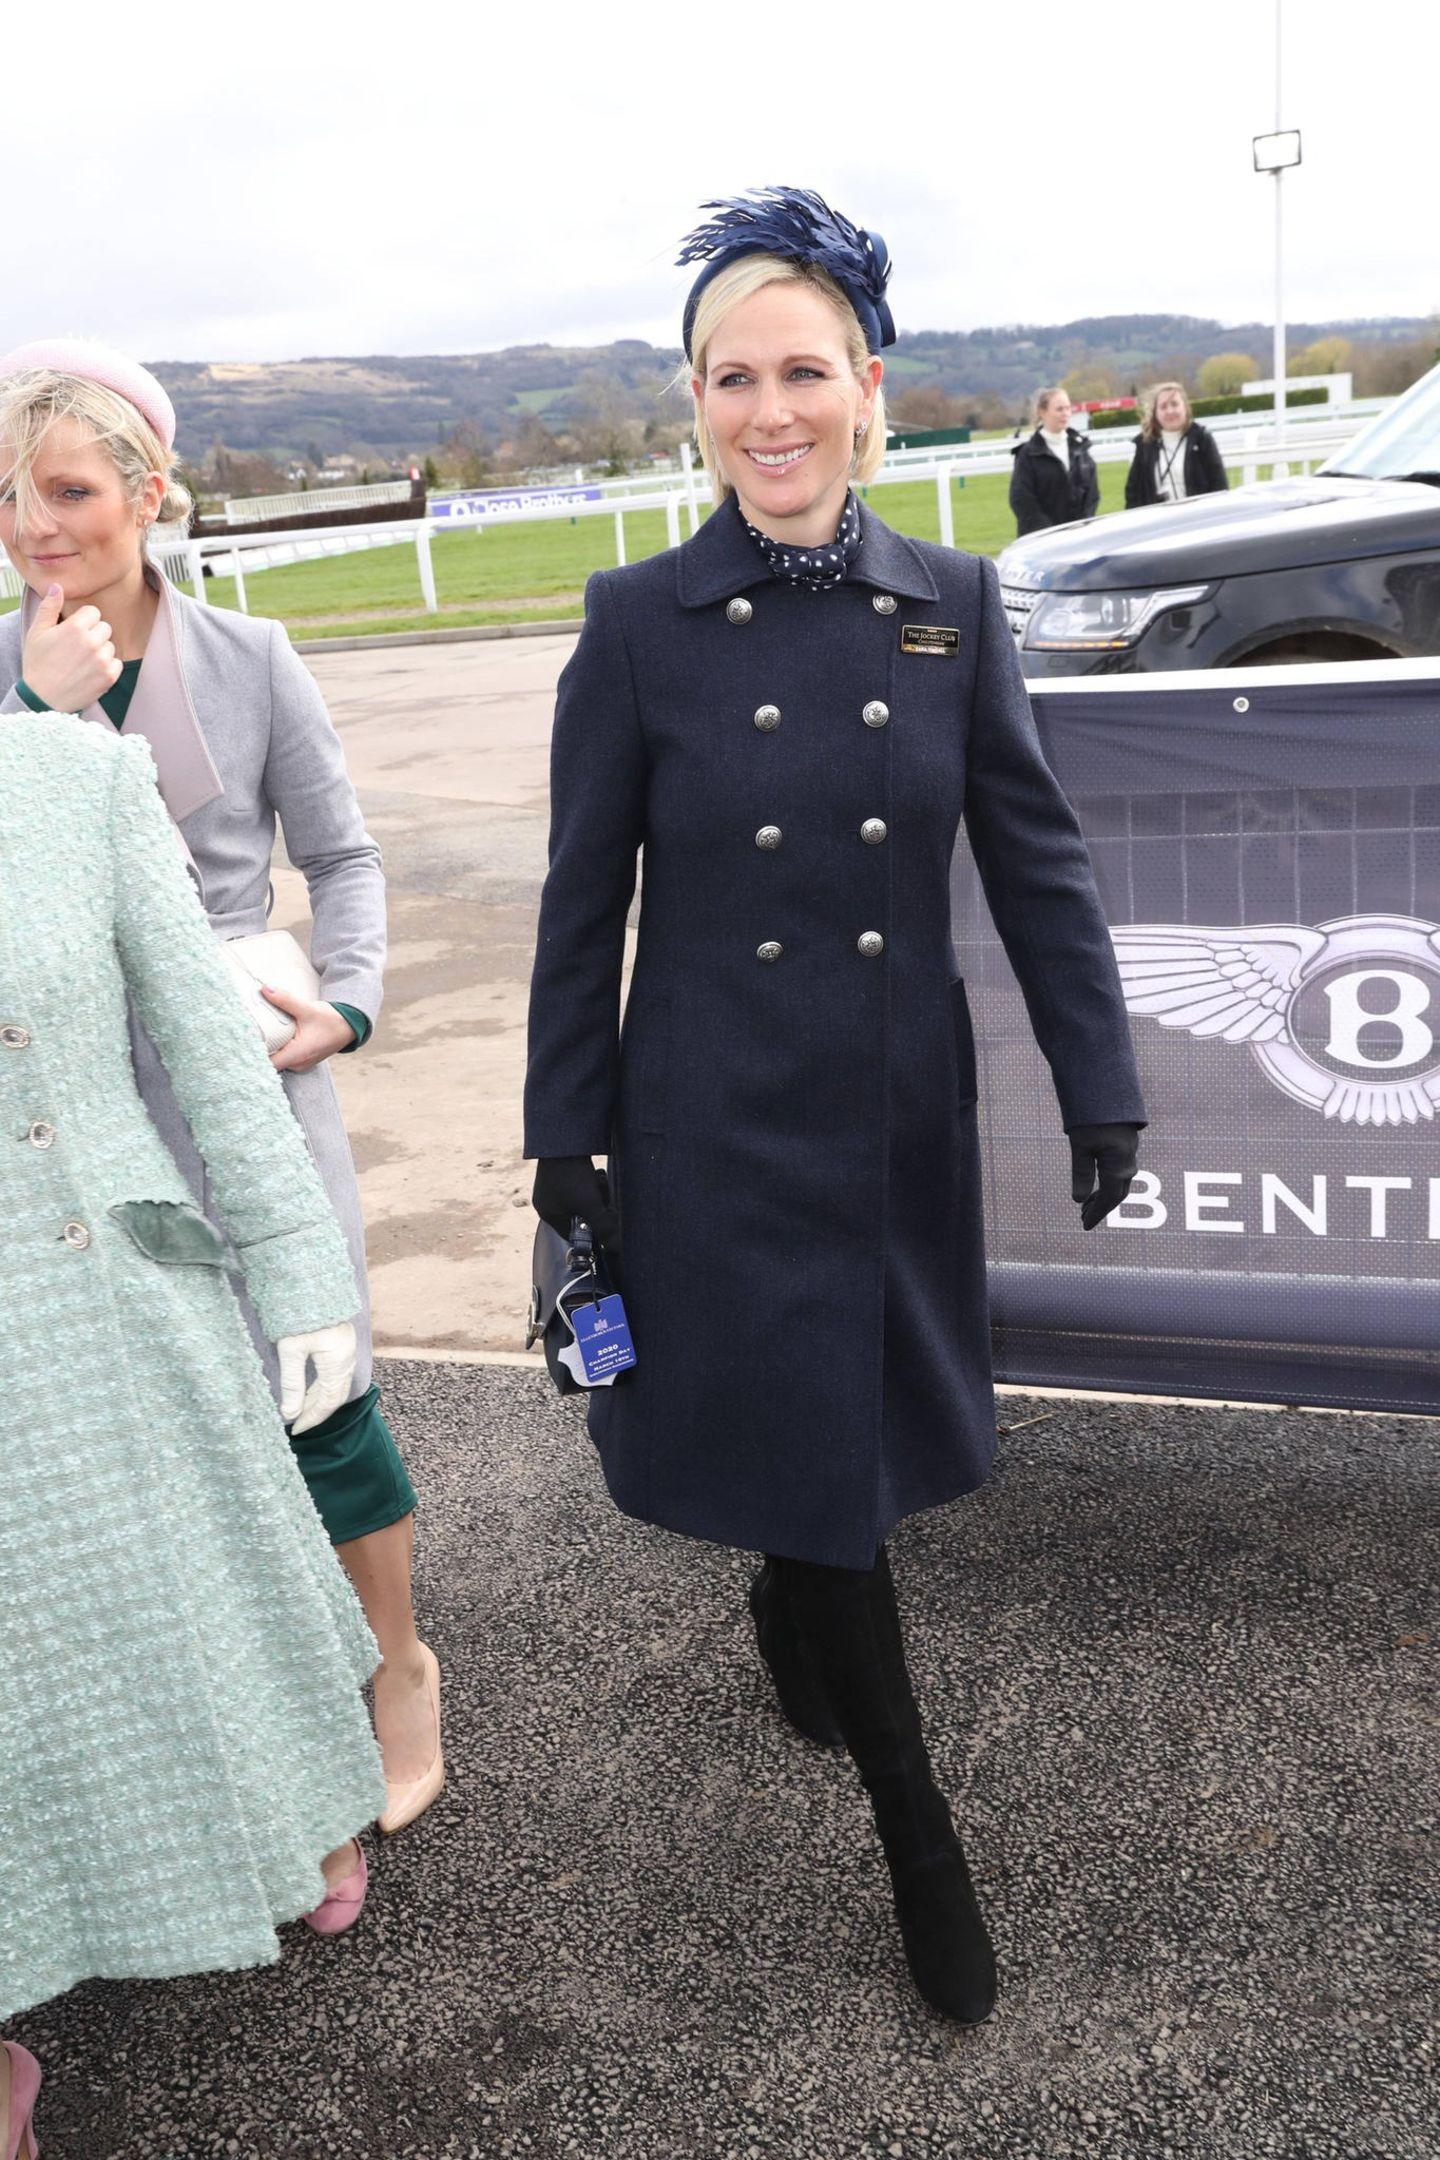 ... sehen wir die 38-Jährige Springreiterin mit einem auffälligenHaaraccessoire: der royalblaue Fascinator ist farblich abgestimmt zum restlichen Look der hübschen Blondine. Dieser ist bereitsein Liebling in der Royal-Familie: An Weihnachten zeigte sich Prinzessin Eugenie in dem hübschen Accessoire. Ein weiterer Trend beim Pferderennen ...